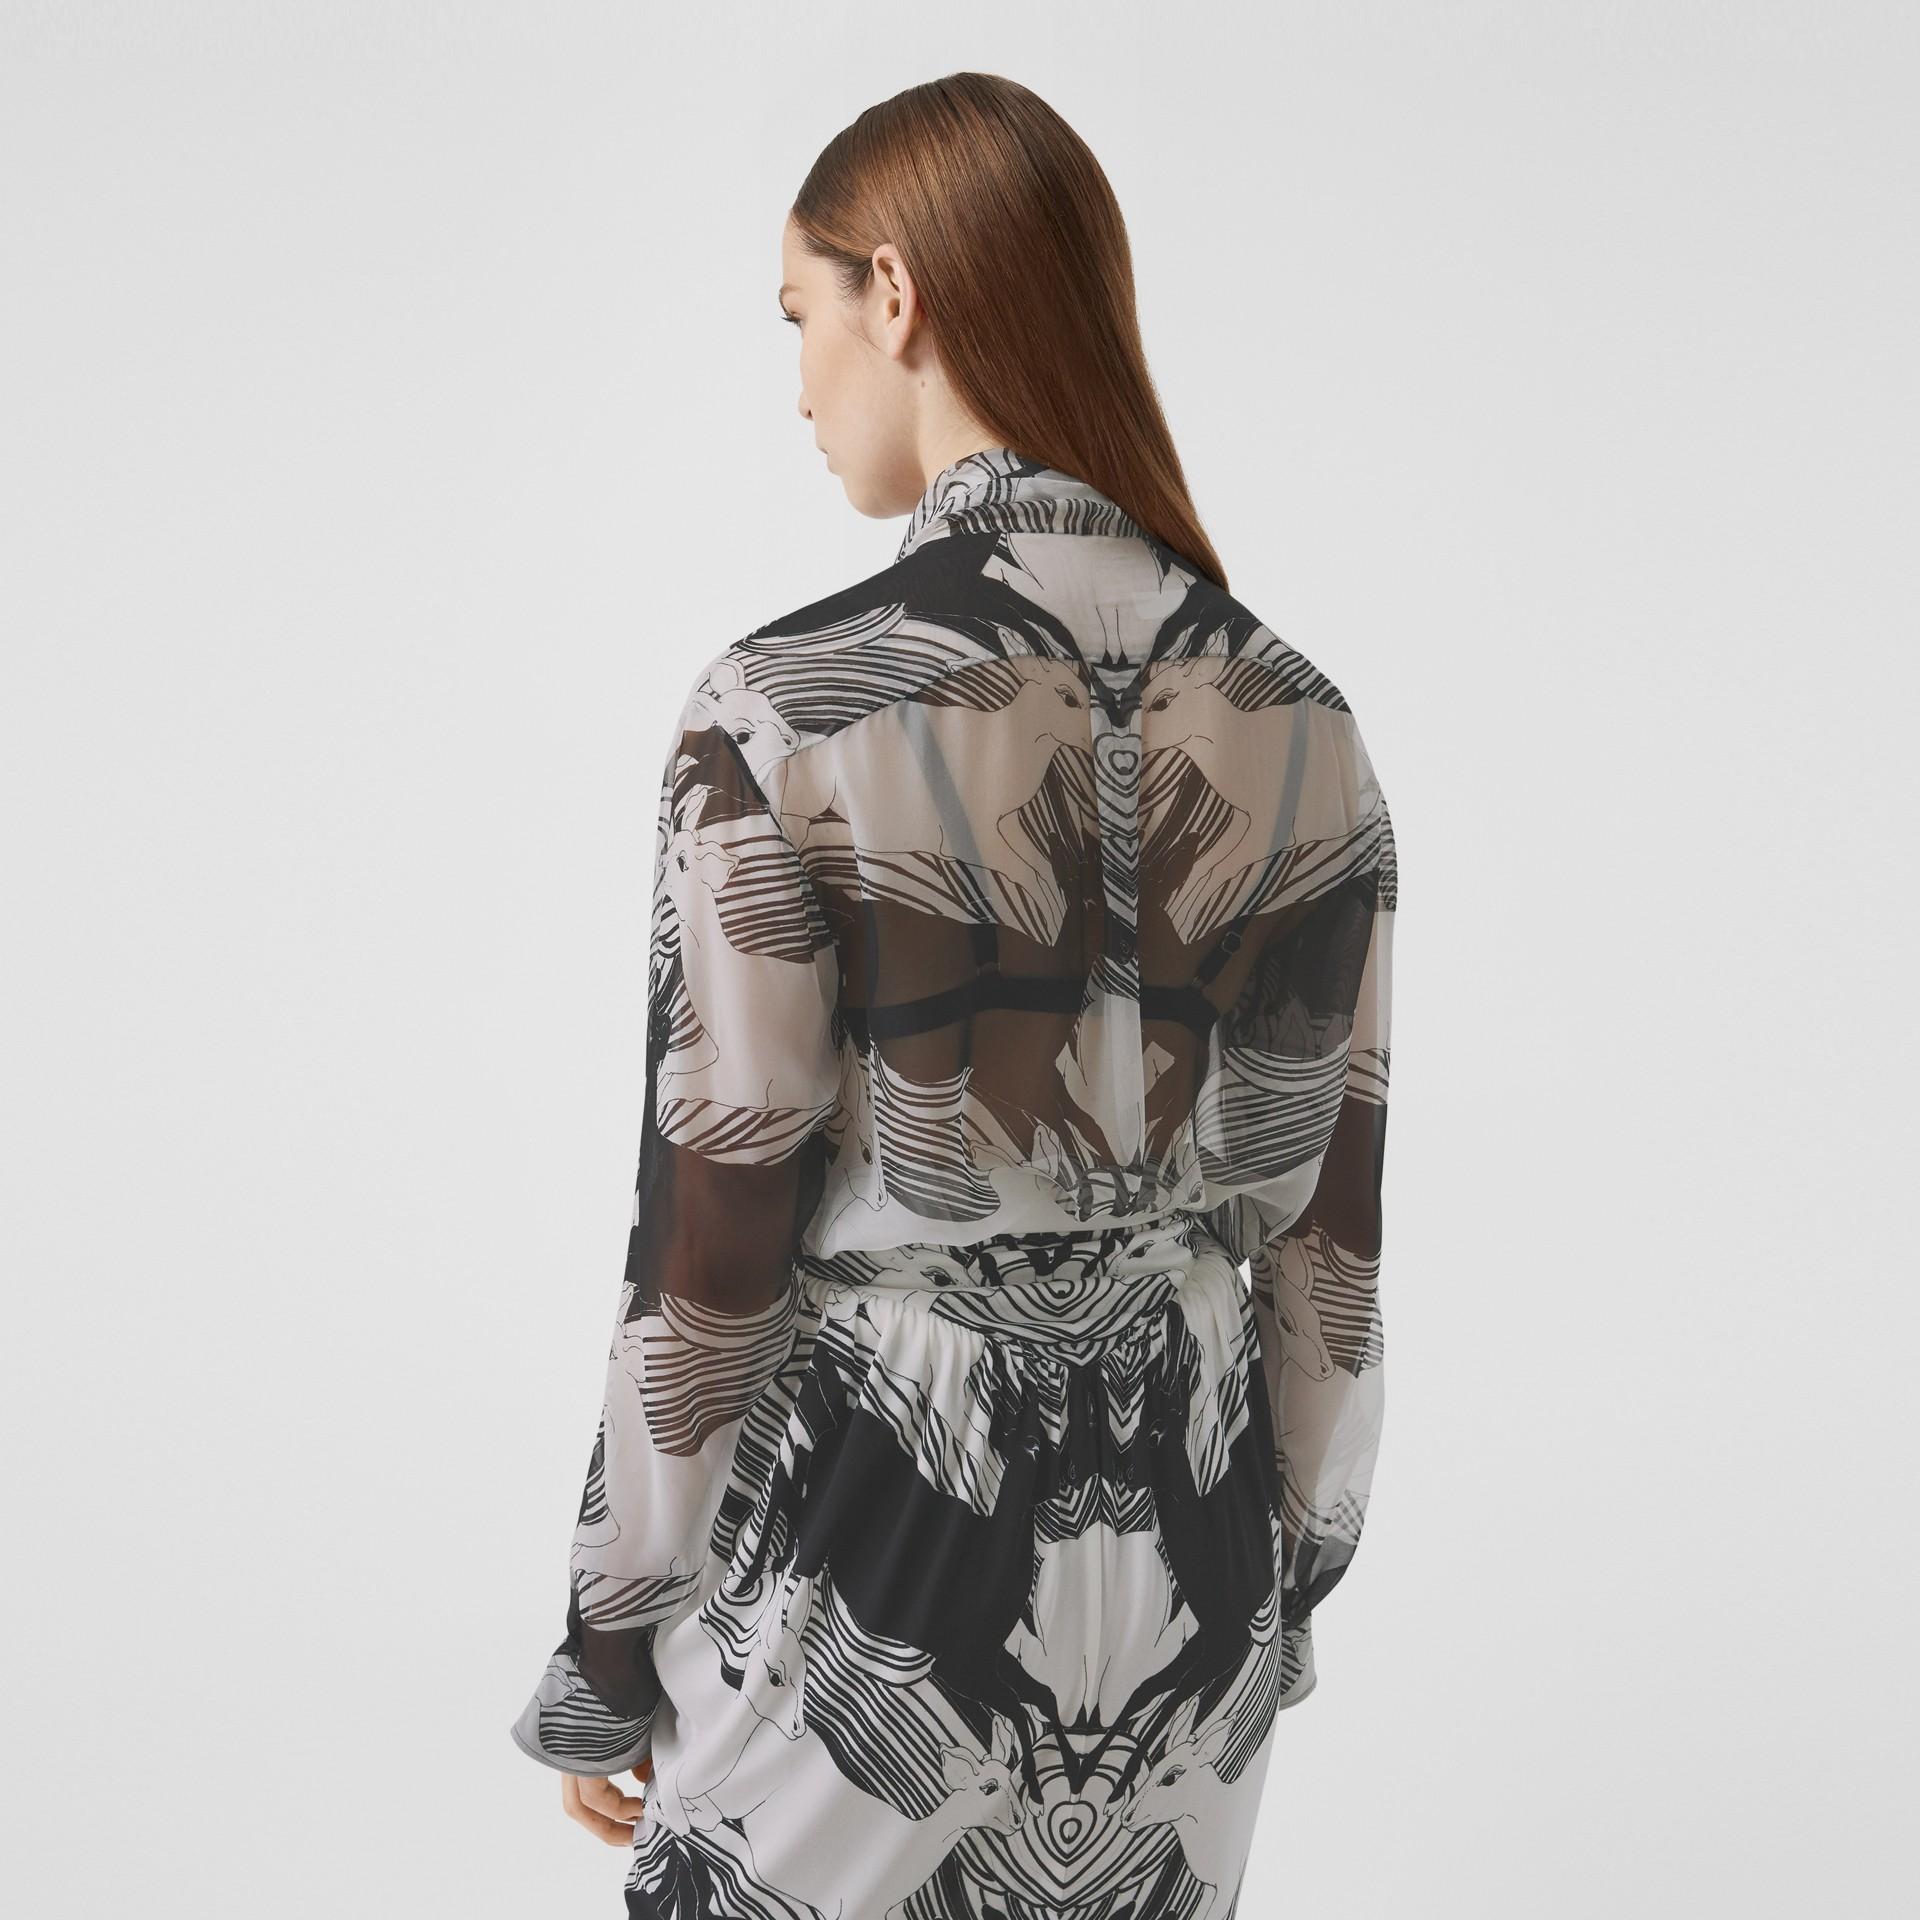 Bluse aus Seidenchiffon mit Rehmotiven und Schleifendetail (Schwarz-weiß) - Damen | Burberry - Galerie-Bild 2